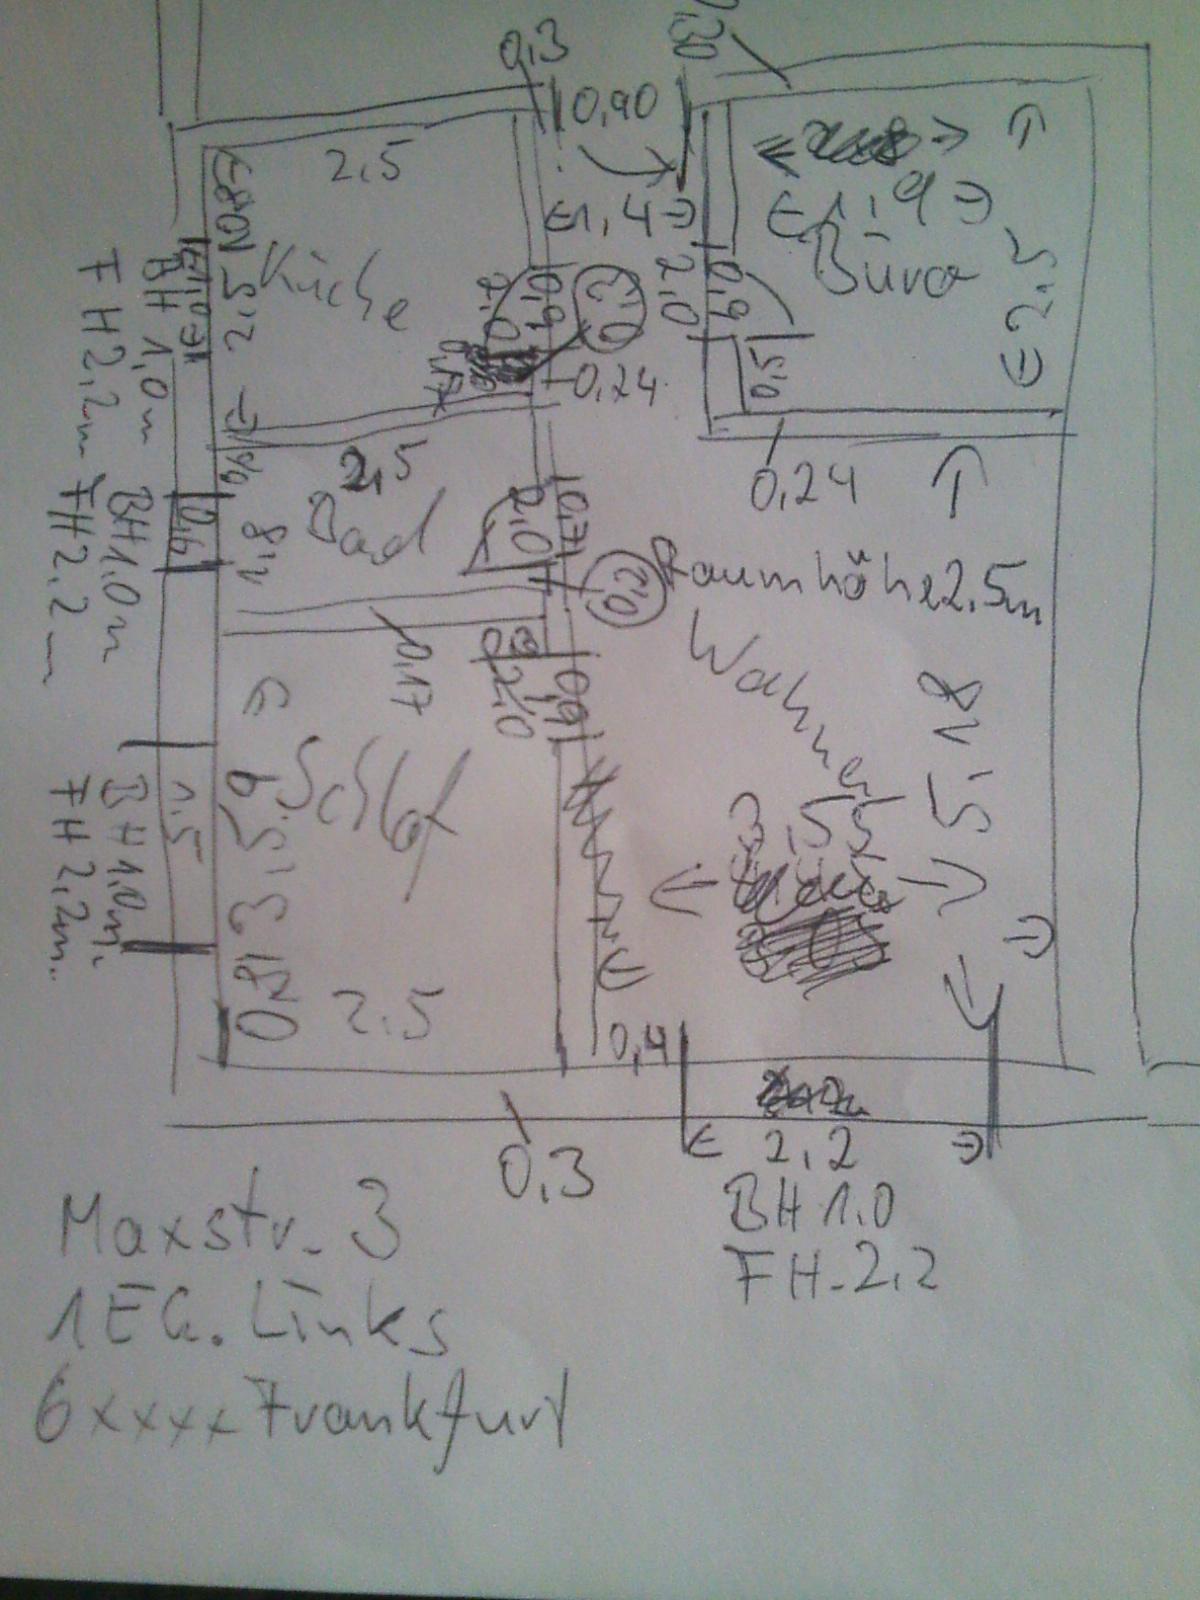 mein grundriss: wohnflächenberechnung